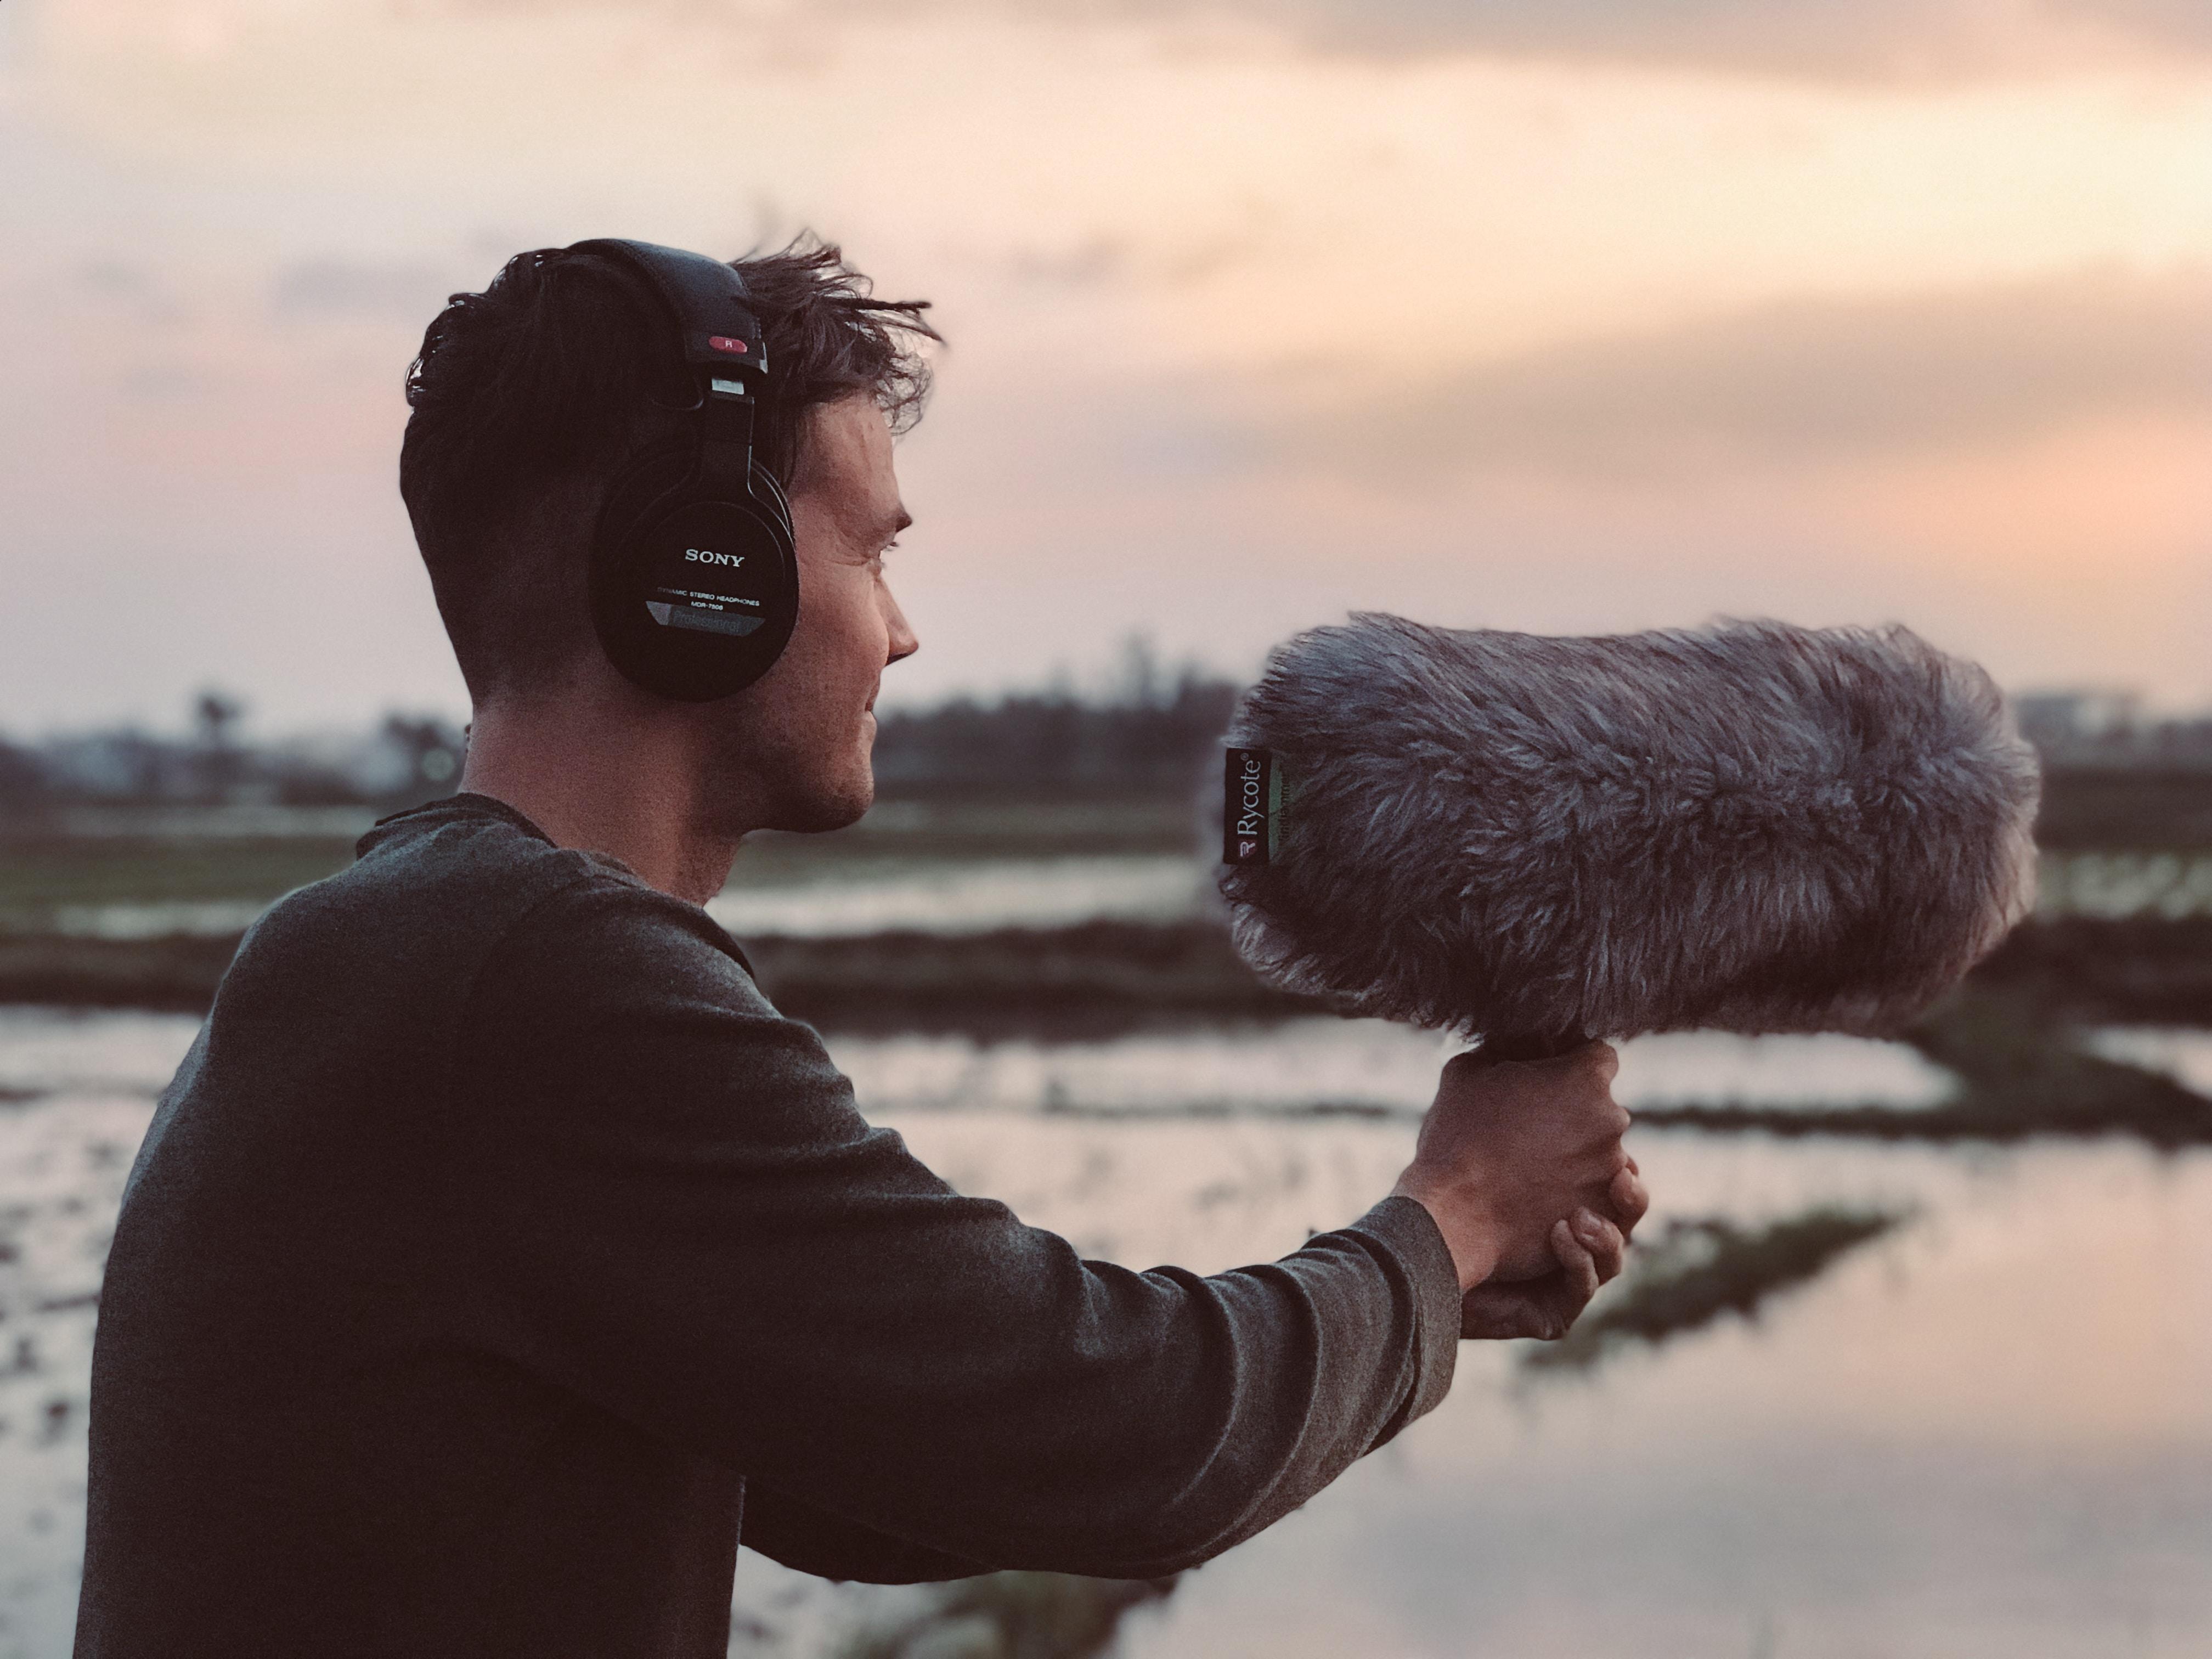 réussir à isoler les sons grâce à la commande de notre cerveau